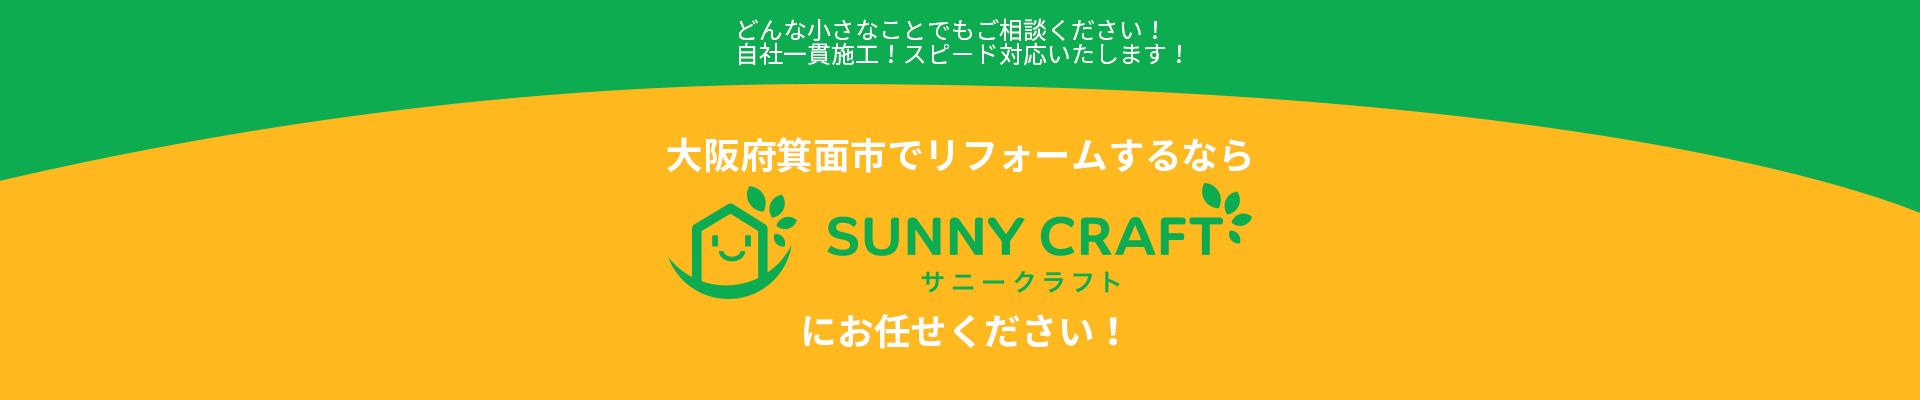 大阪府箕面市でリフォームするなら サニークラフトにお任せください!